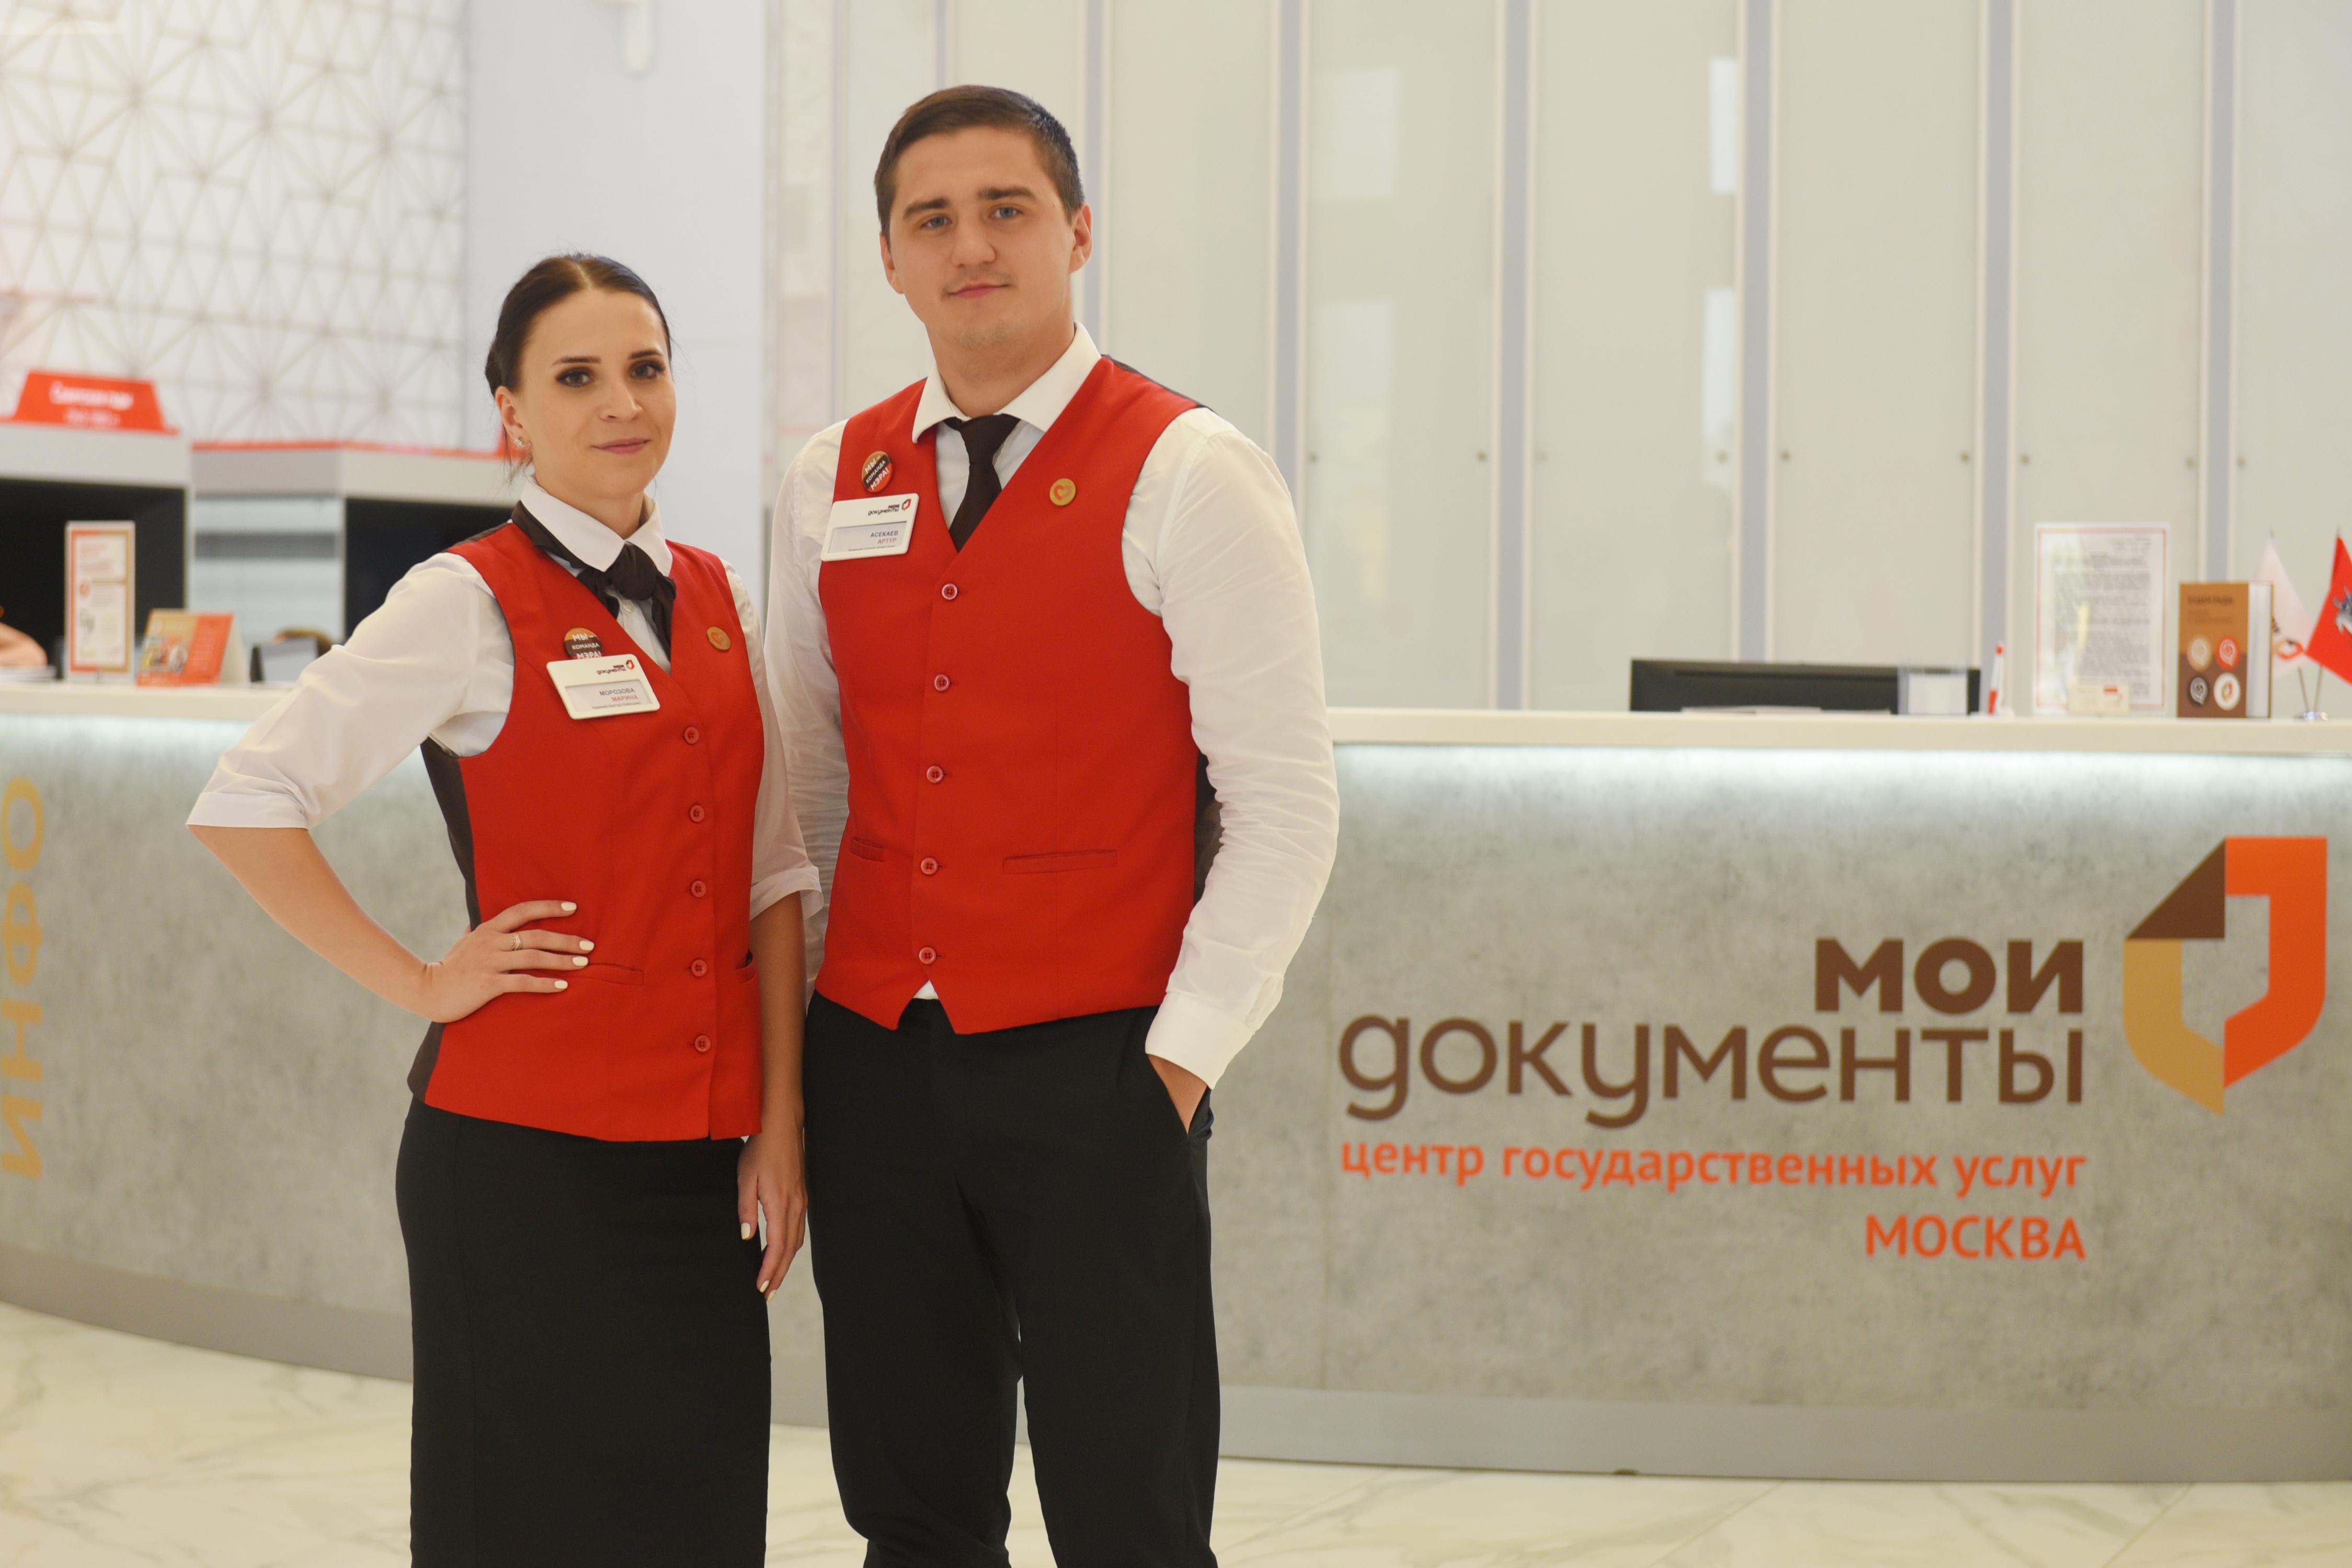 Два центра госуслуг в Москве открыли криптокабины